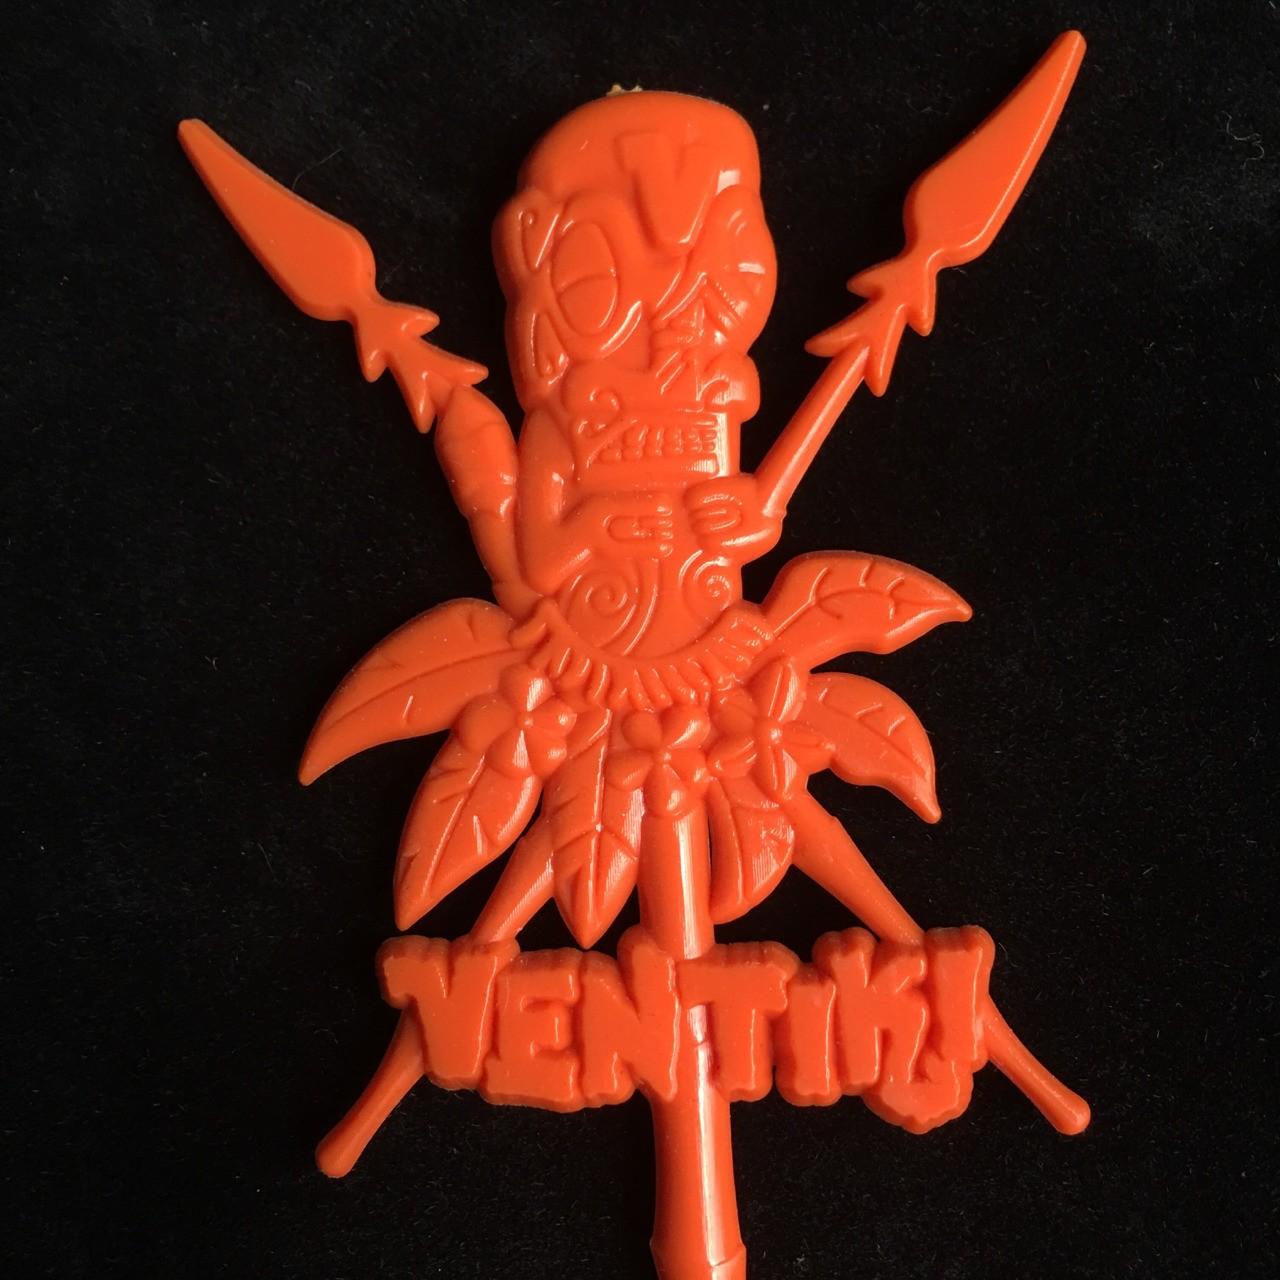 Ventiki Swizzle designed by Tiki Tony